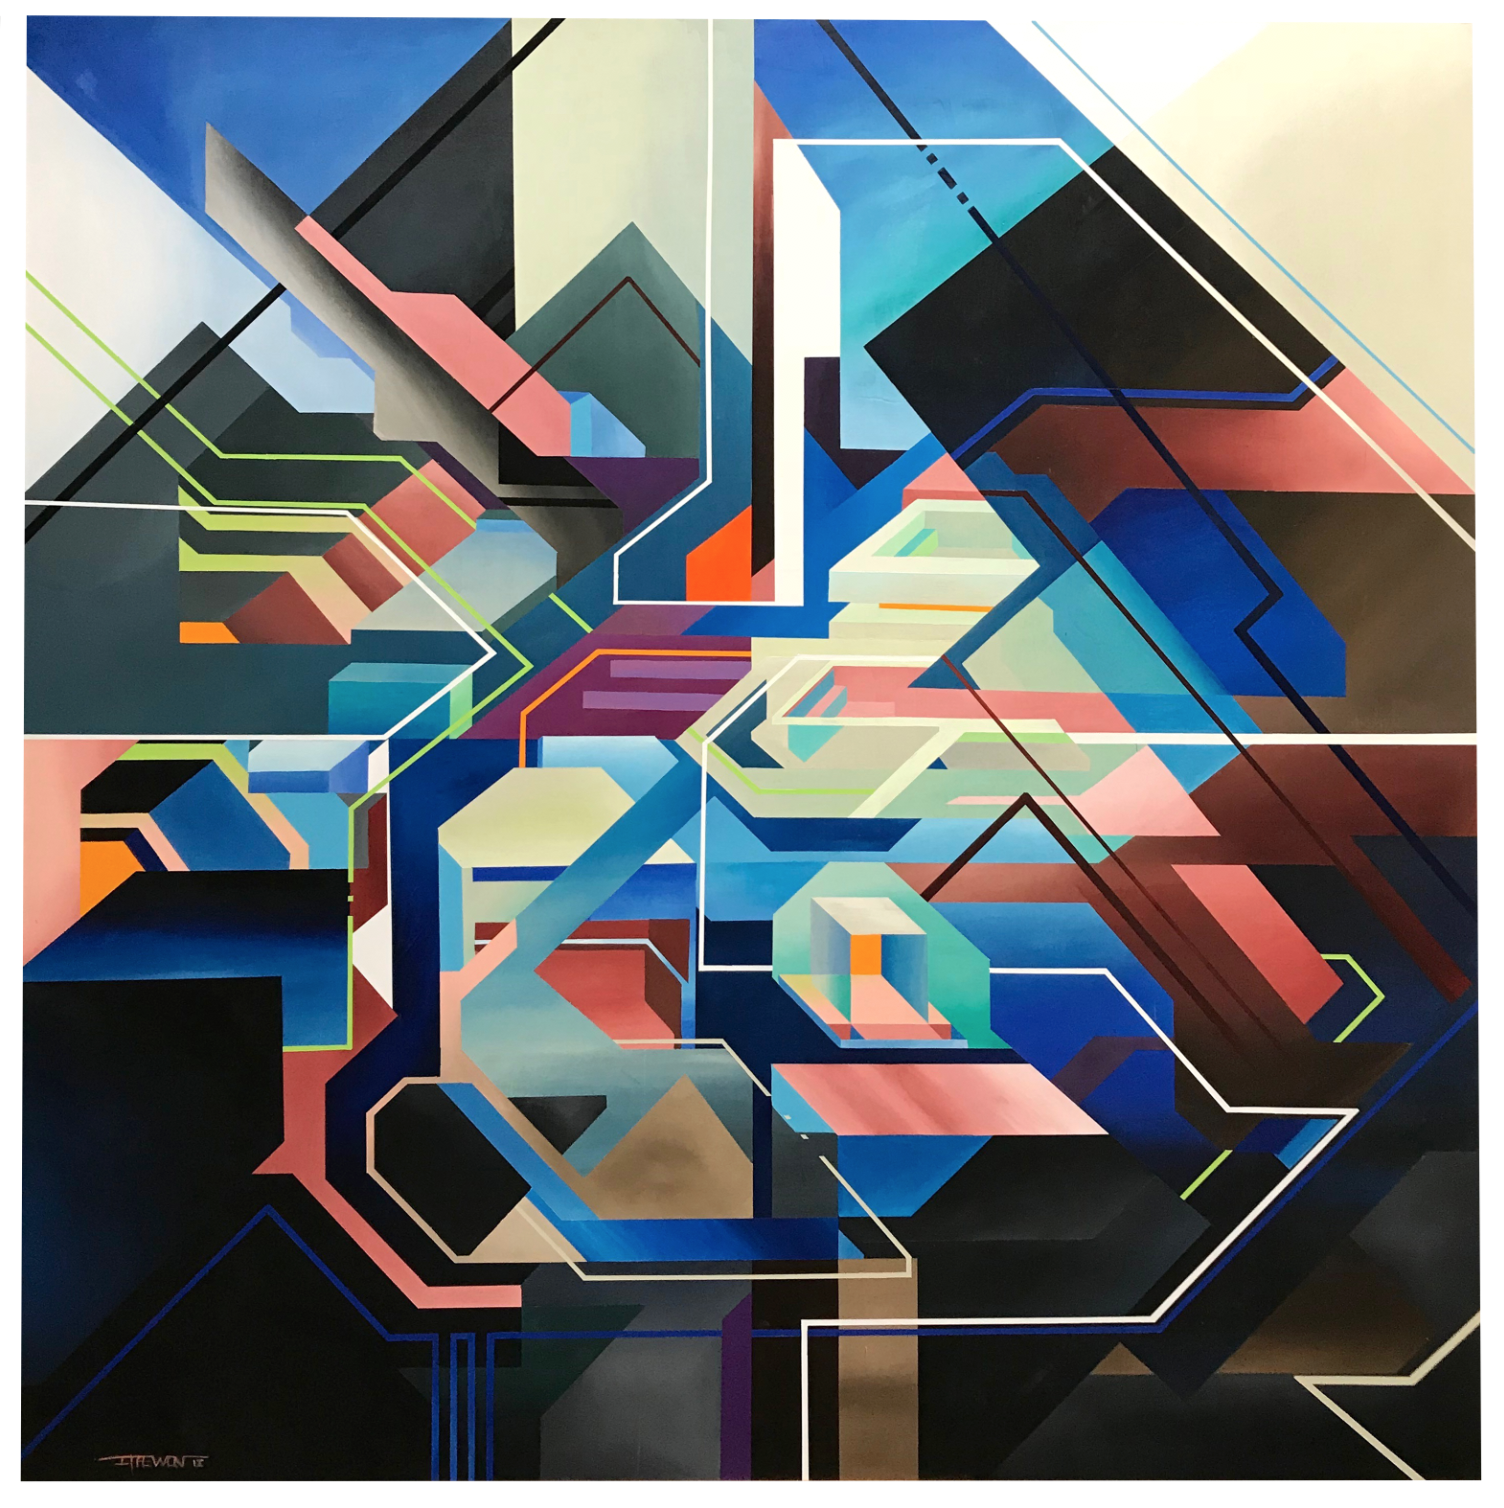 Half Light - Acrylic on Wood - 150cm x 150cm x 5cm - 2018